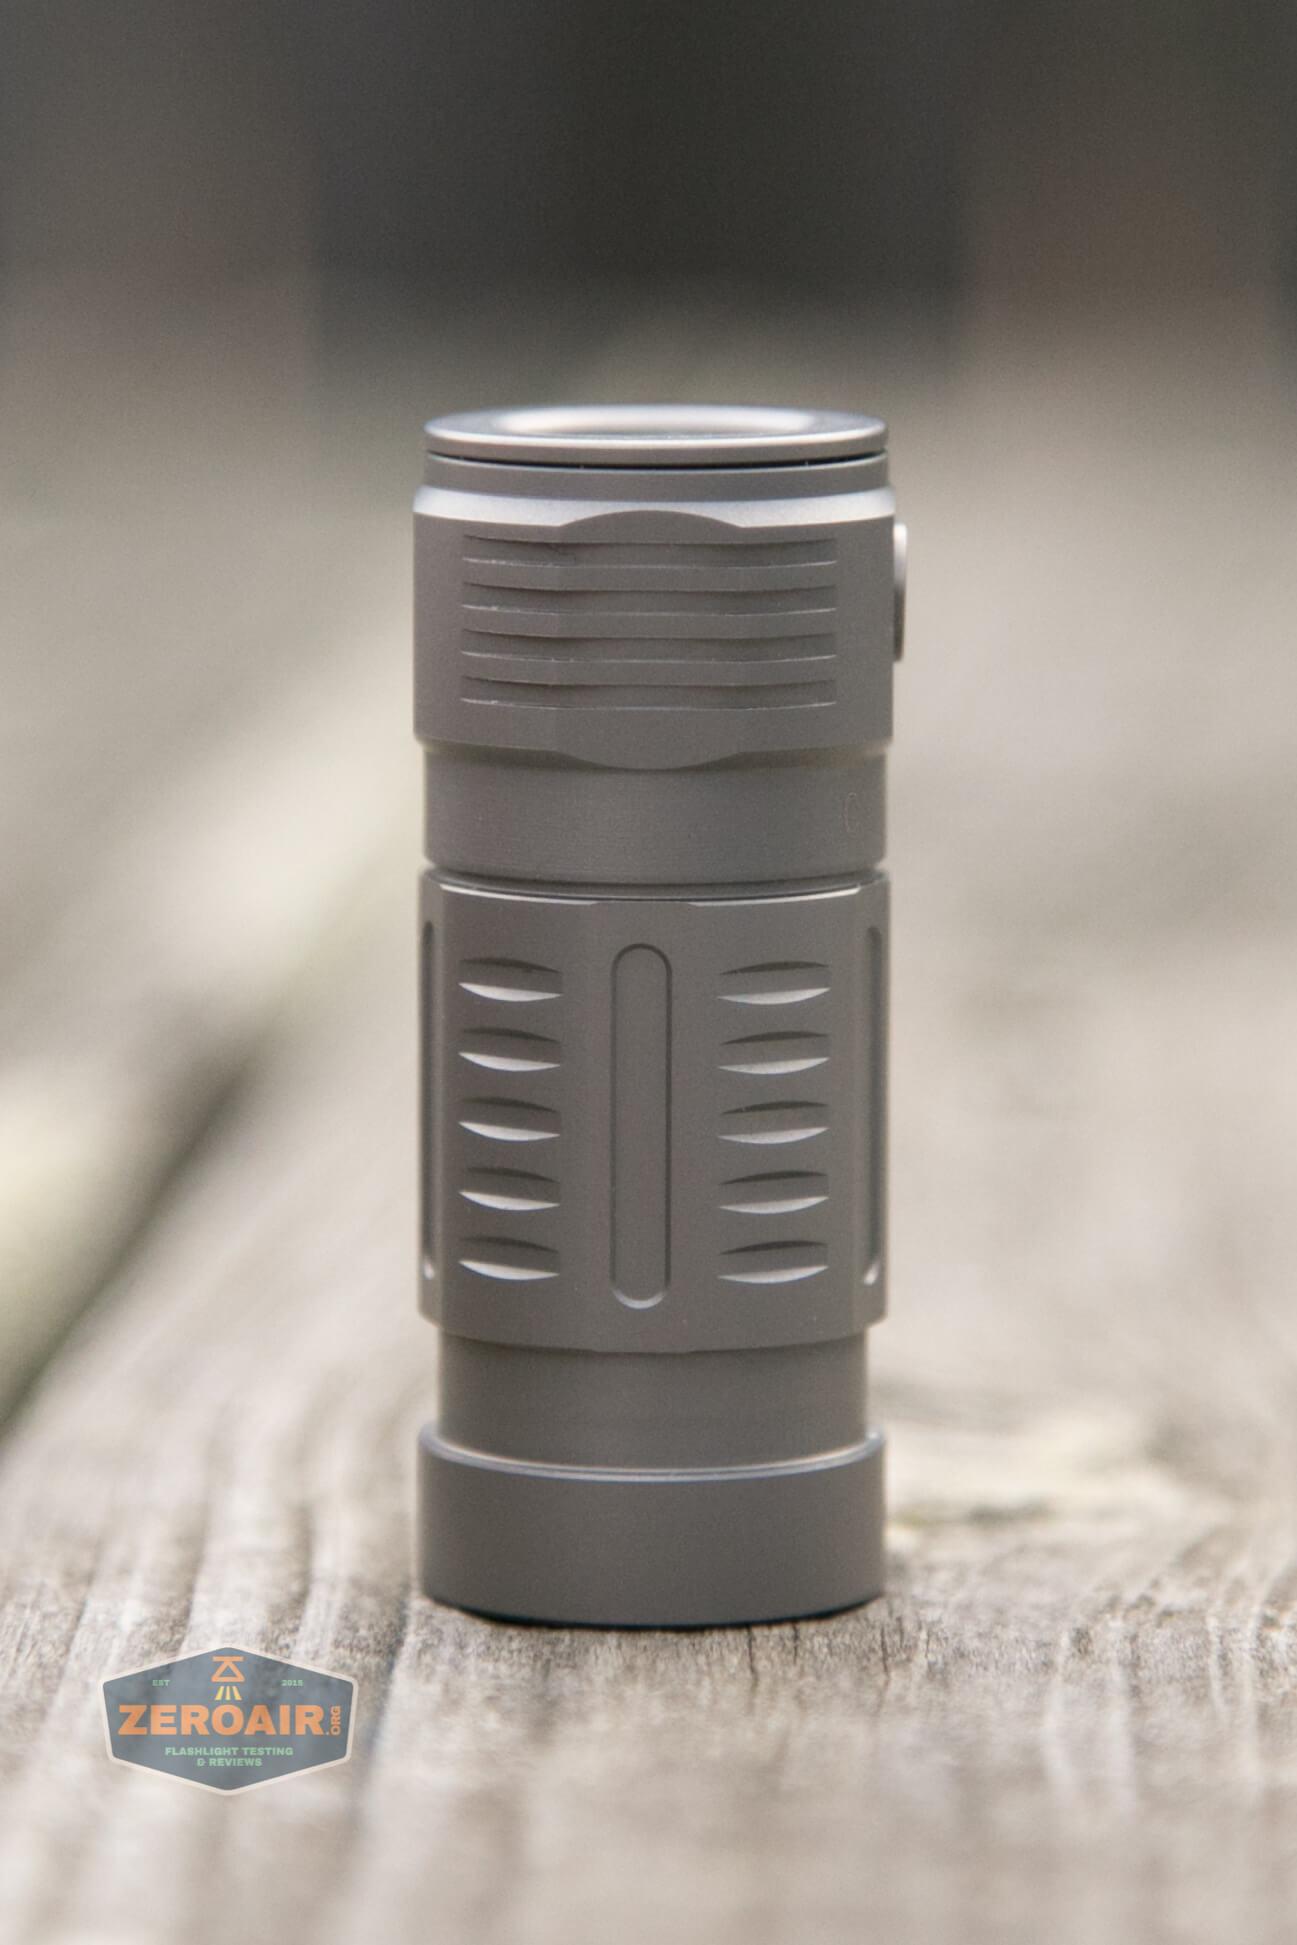 freasygears cyansky m3 titanium pocket flashlight all 4 sides